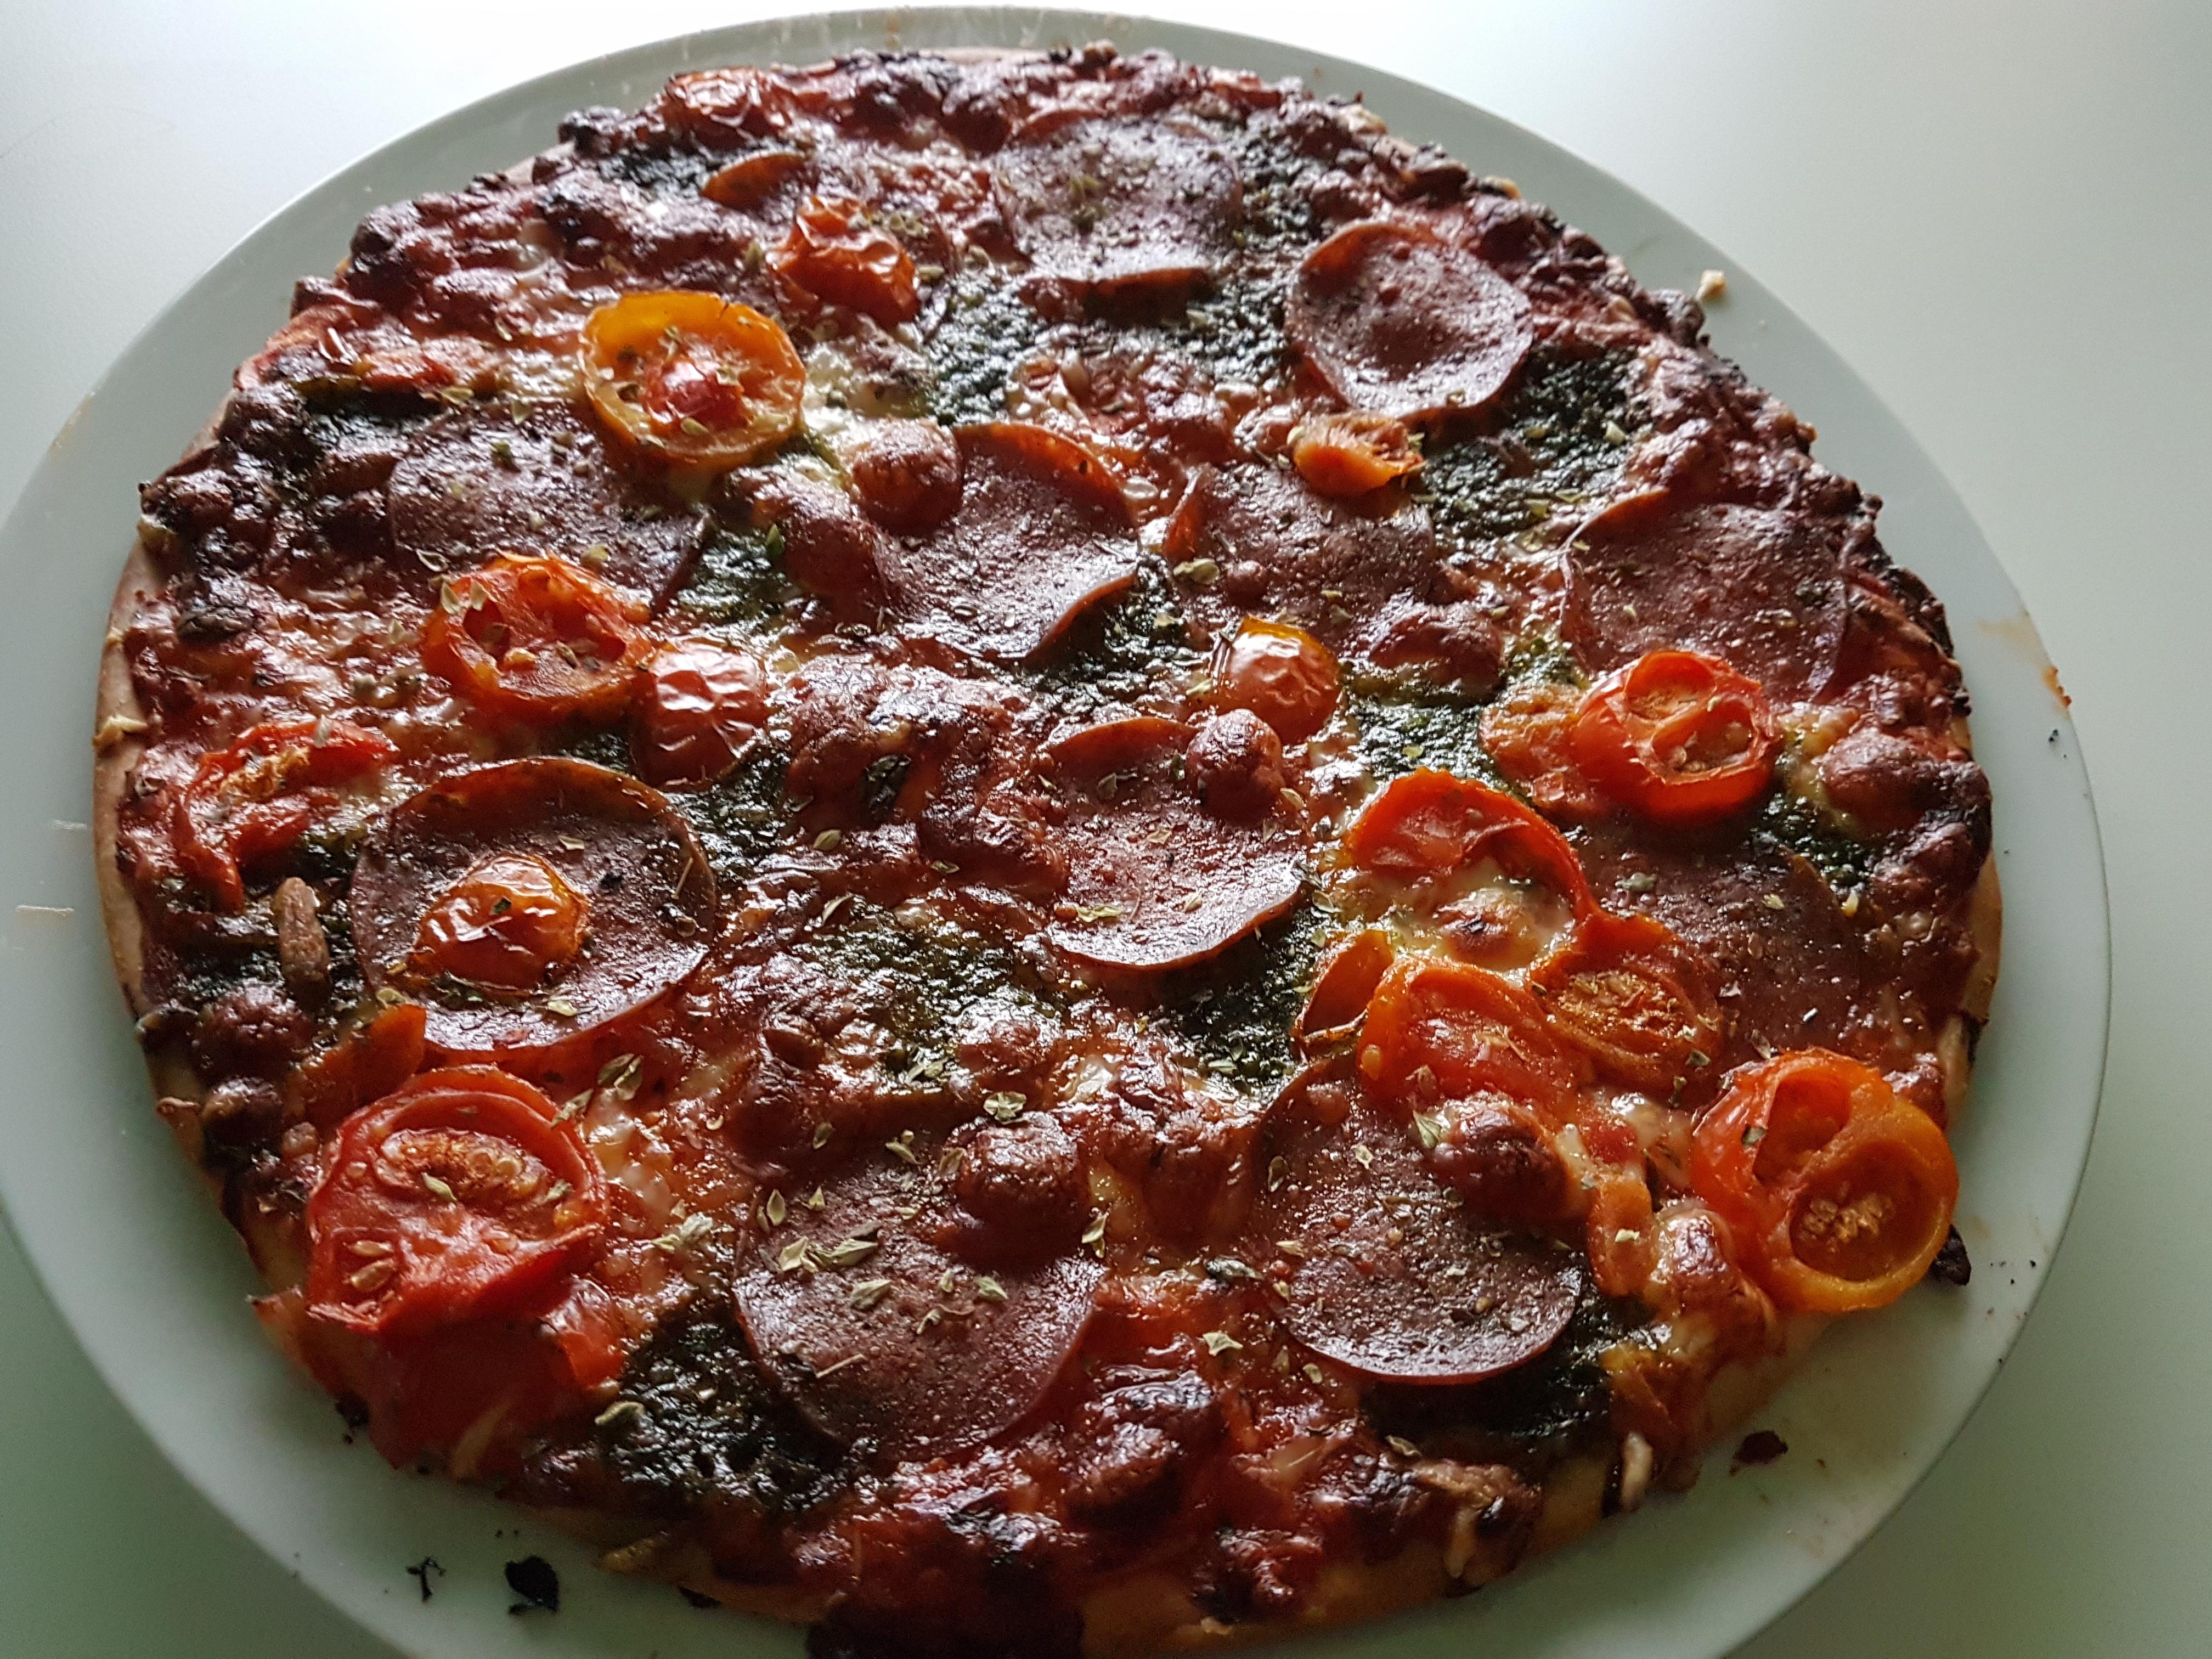 https://foodloader.net/Holz_2017-10-11_Pizza.jpg